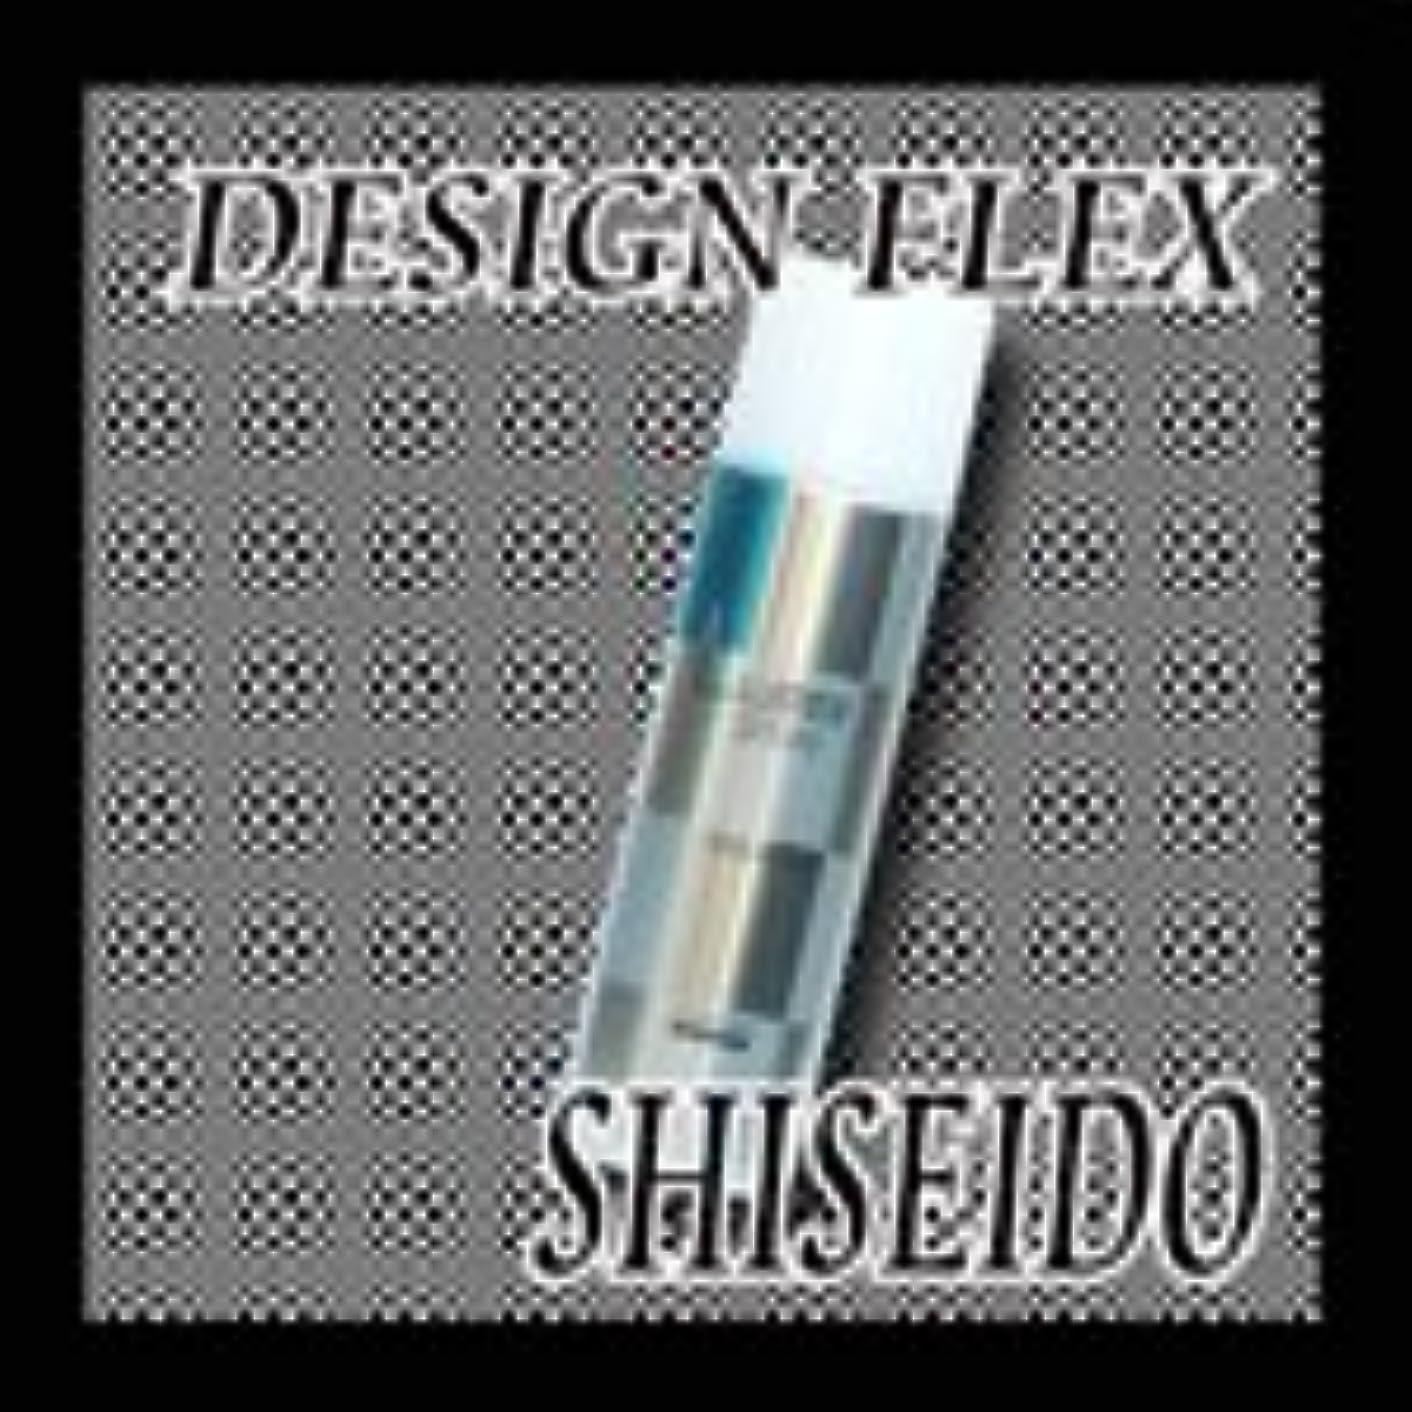 憧れ誕生日酔うSHISEIDO 資生堂 プロフェッショナル DESIGN FLEX デザインフレックス ラスタースプレー215g